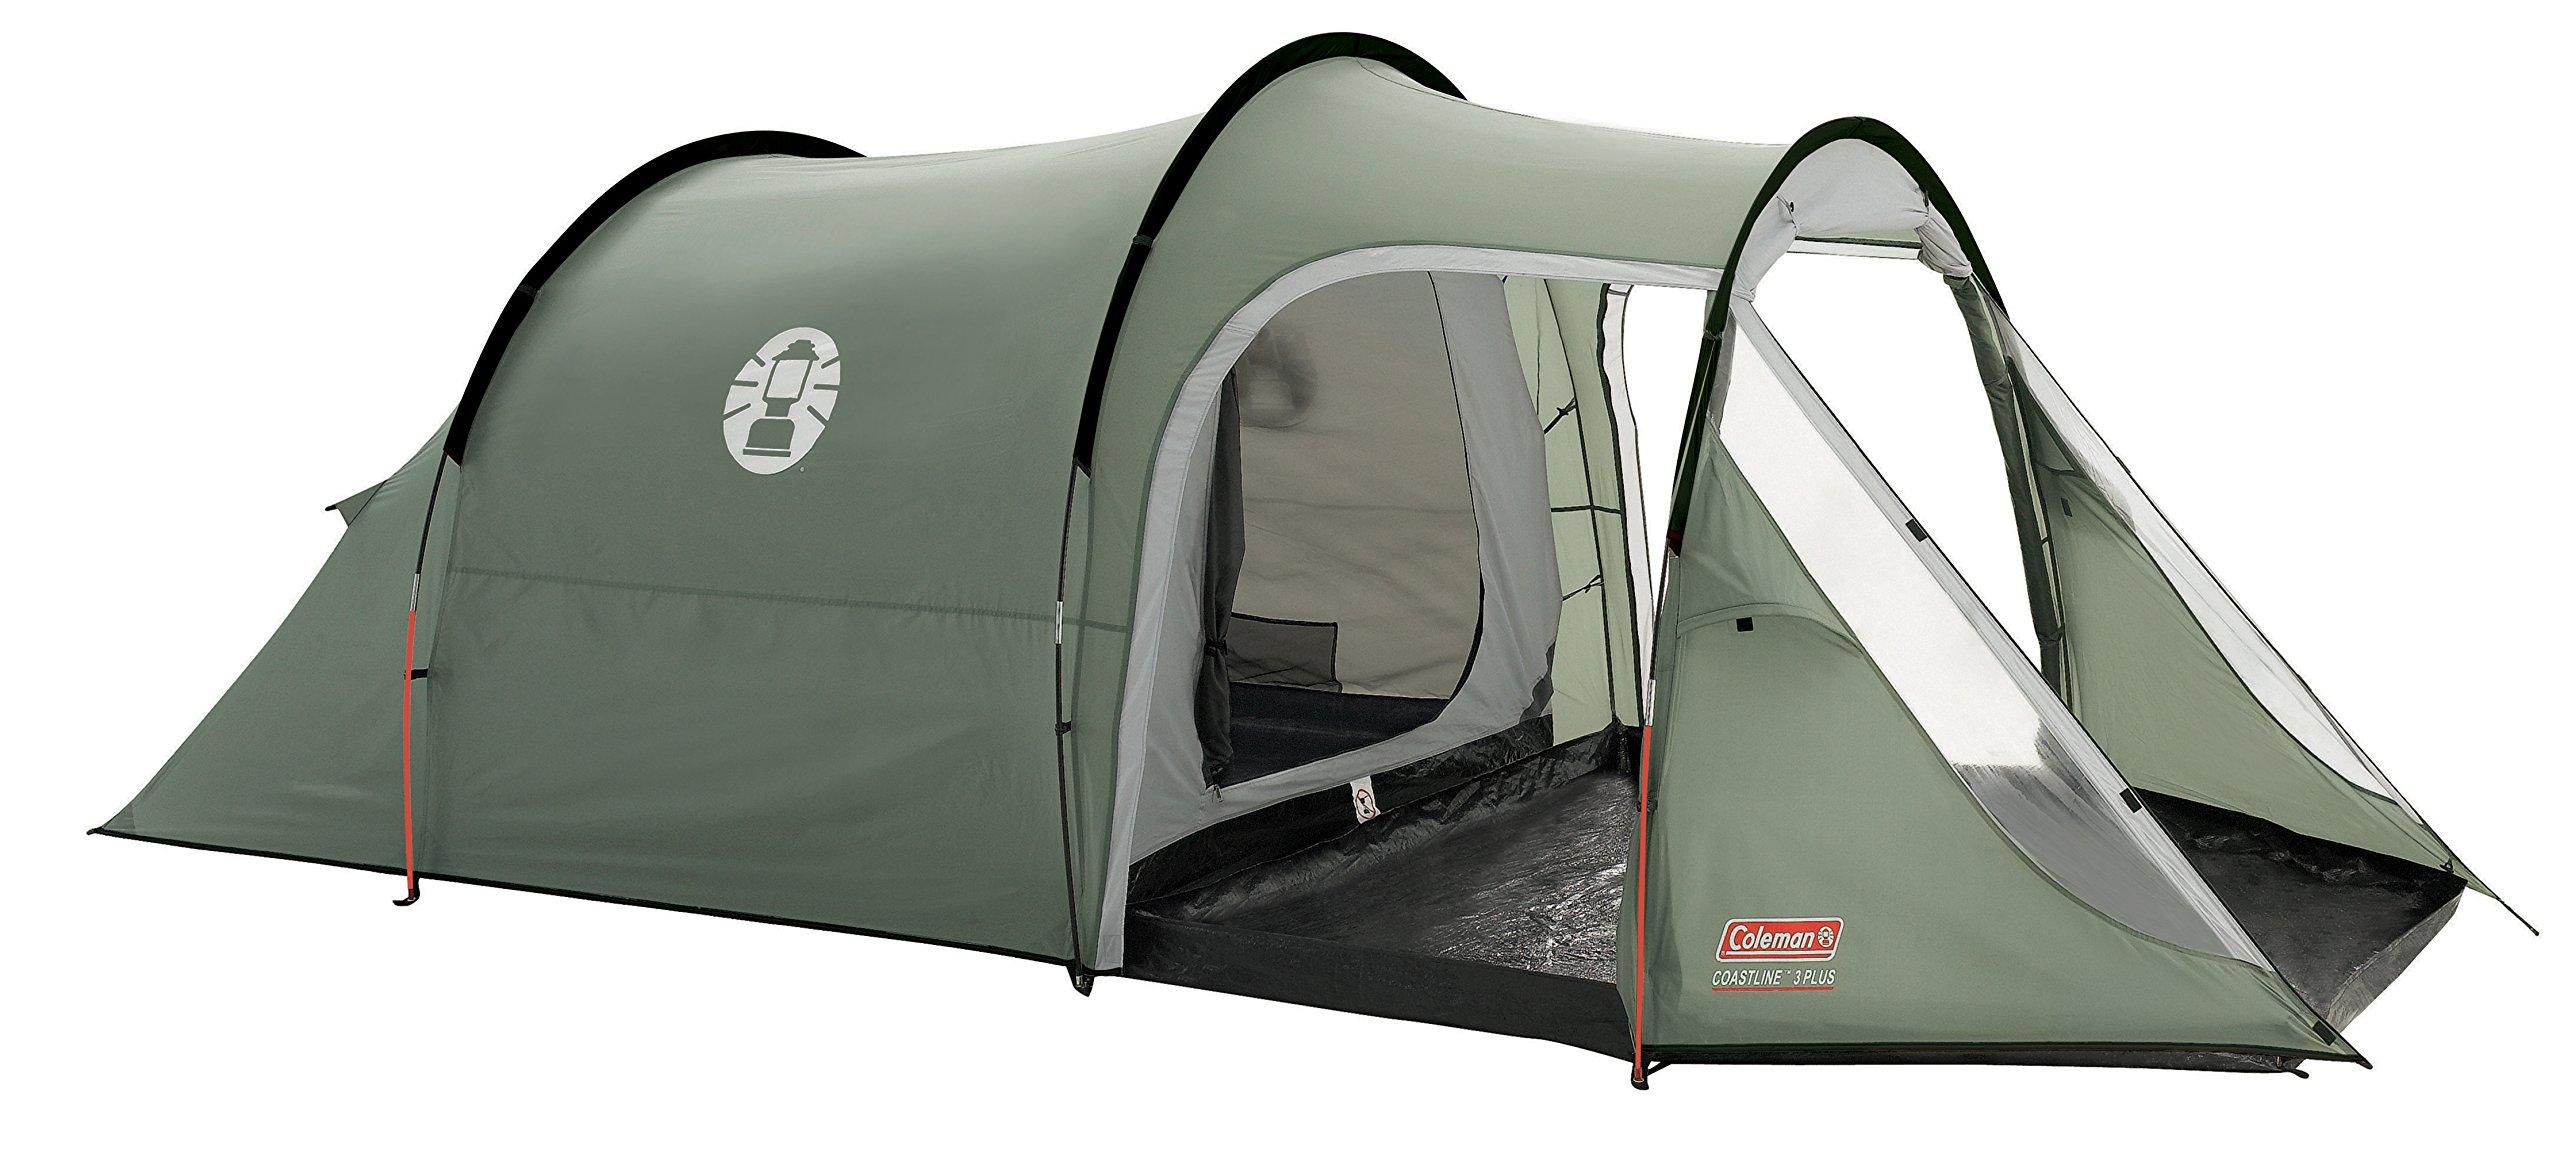 Coleman Coastline Plus Tienda de dormir para 3 personas, Verde product image